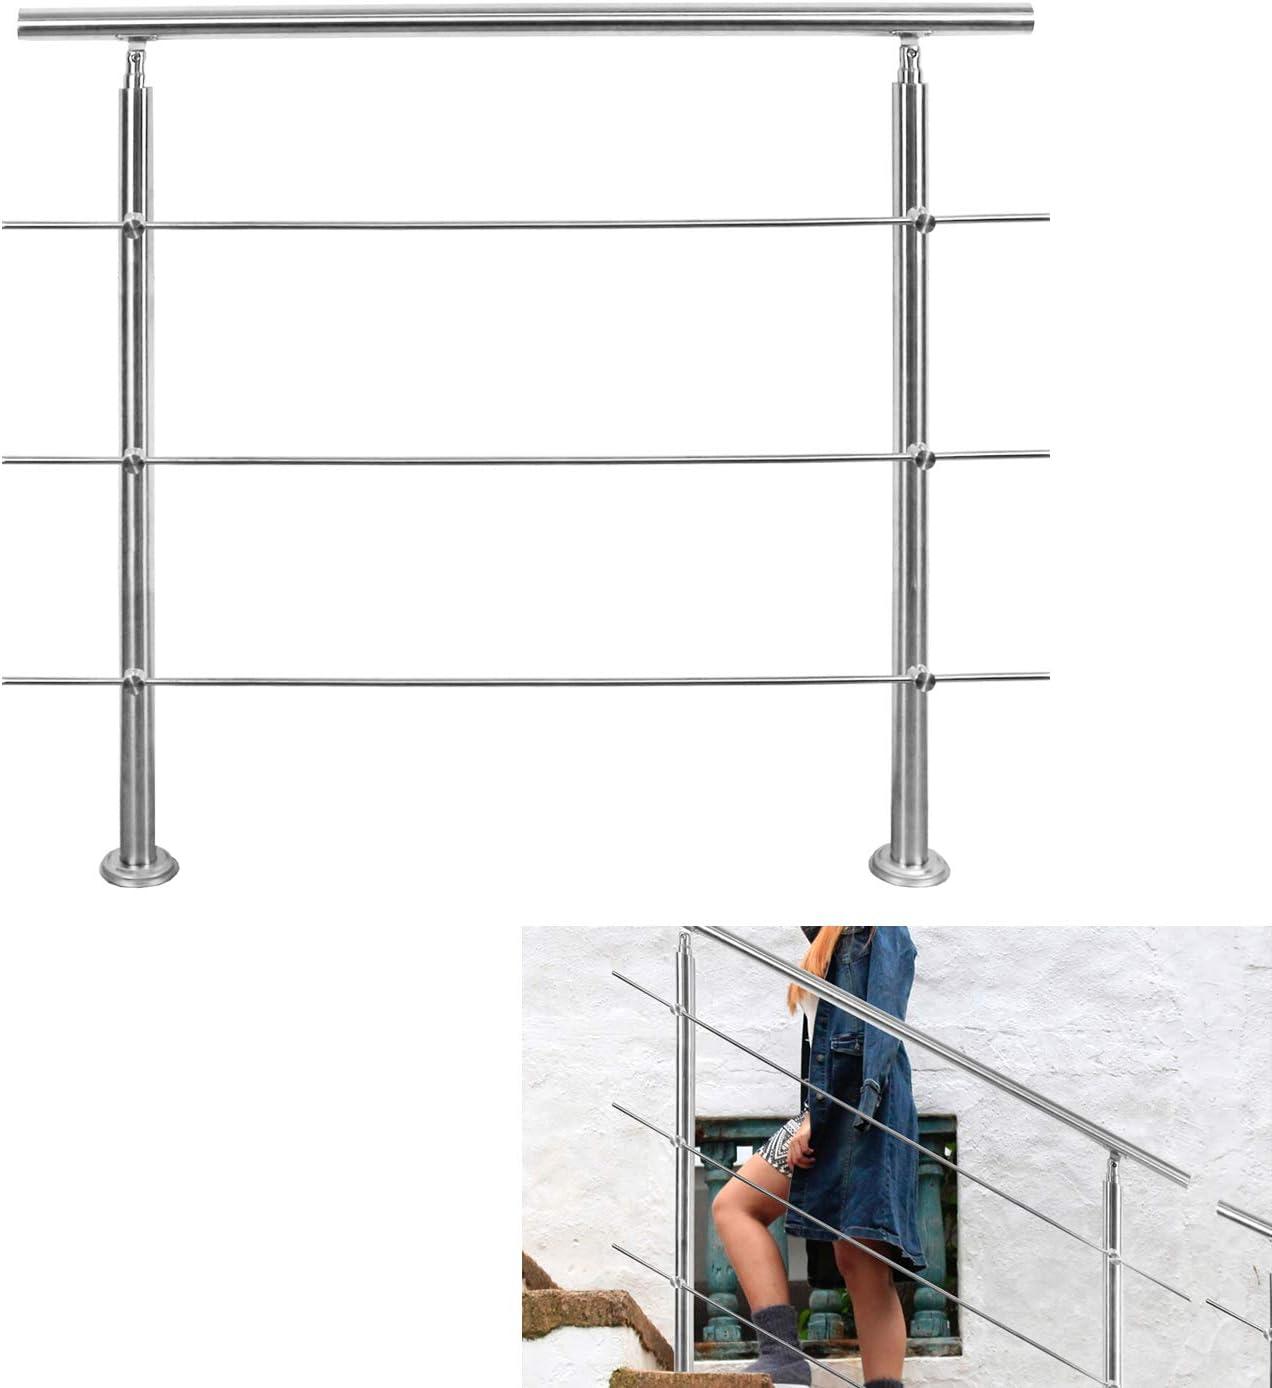 wolketon Treppengel/änder Edelstahl 2 Querst/äbe 80cm Br/üstung Handlauf Gel/änder Treppe